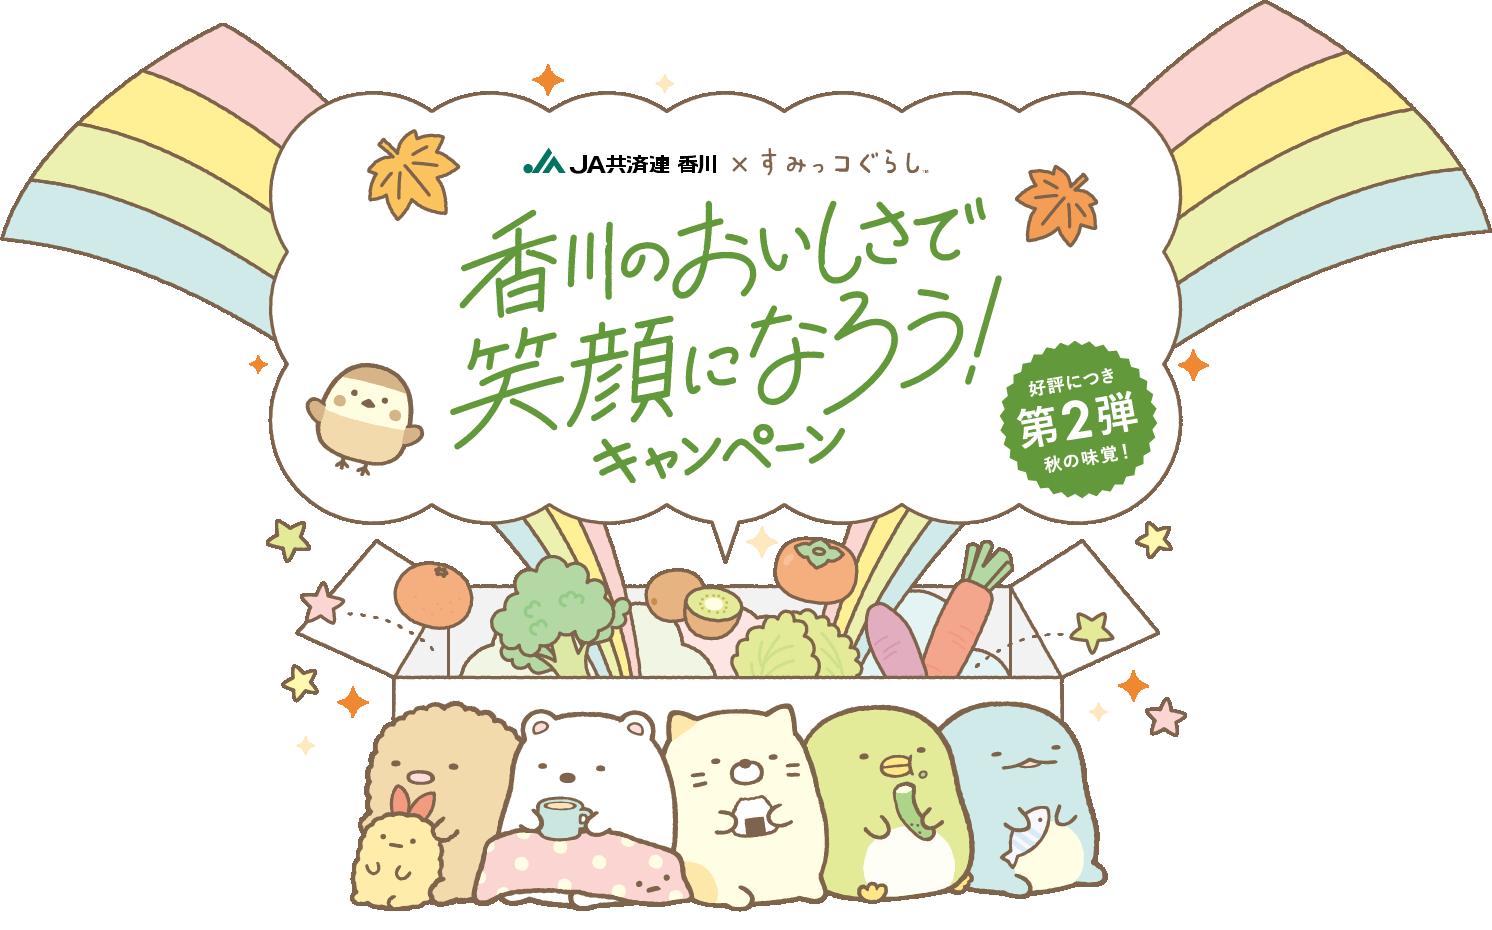 JA香川で香川県産の新鮮な野菜・フルーツ・お肉が抽選で2200名に当たる。~10/31。